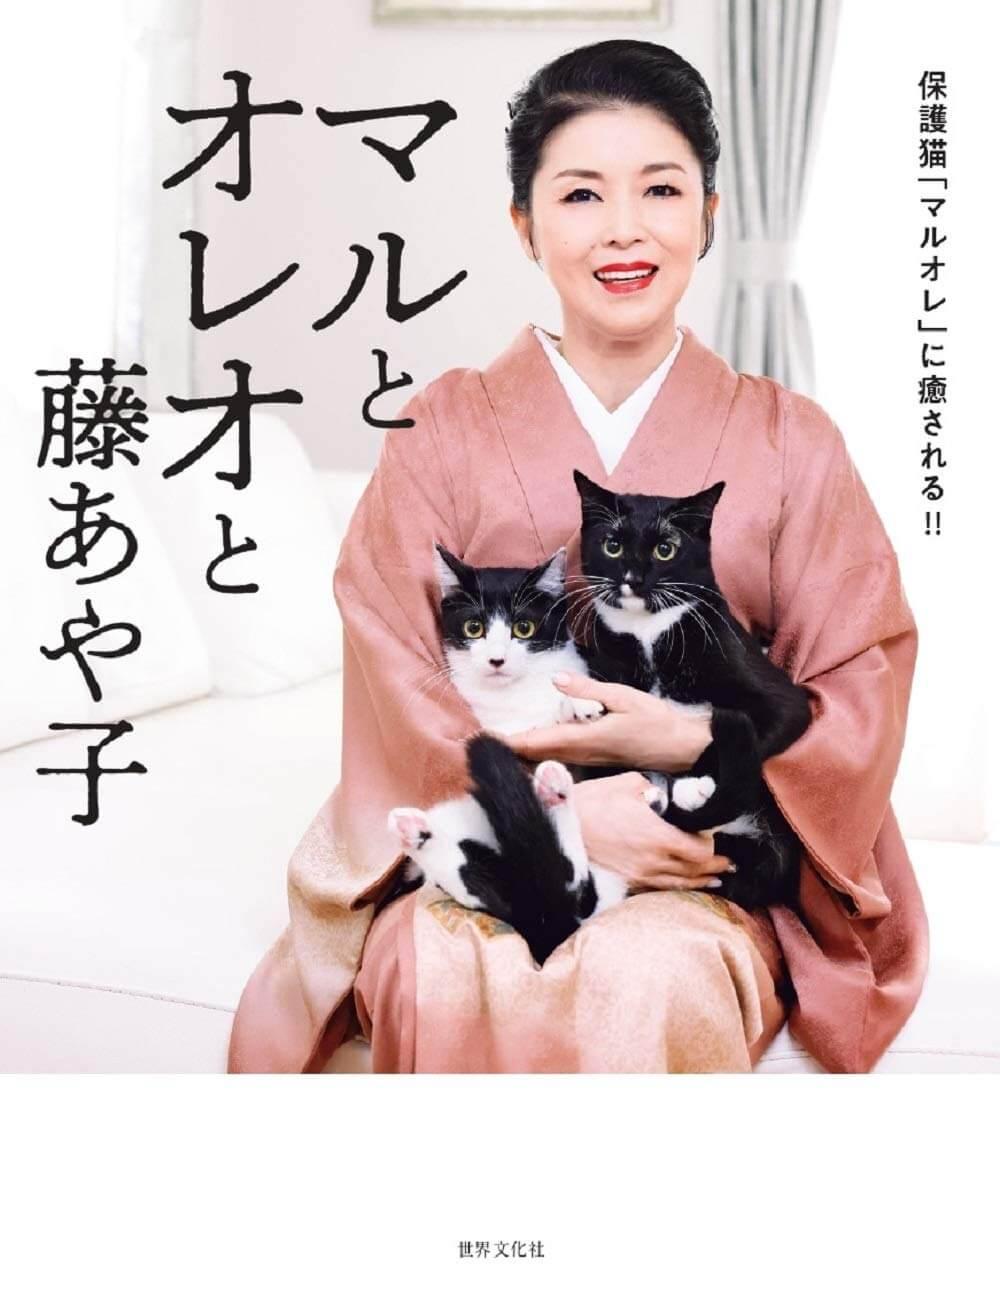 藤あや子さんの愛猫マルオレの写真集『マルとオレオと藤あや子』表紙イメージ